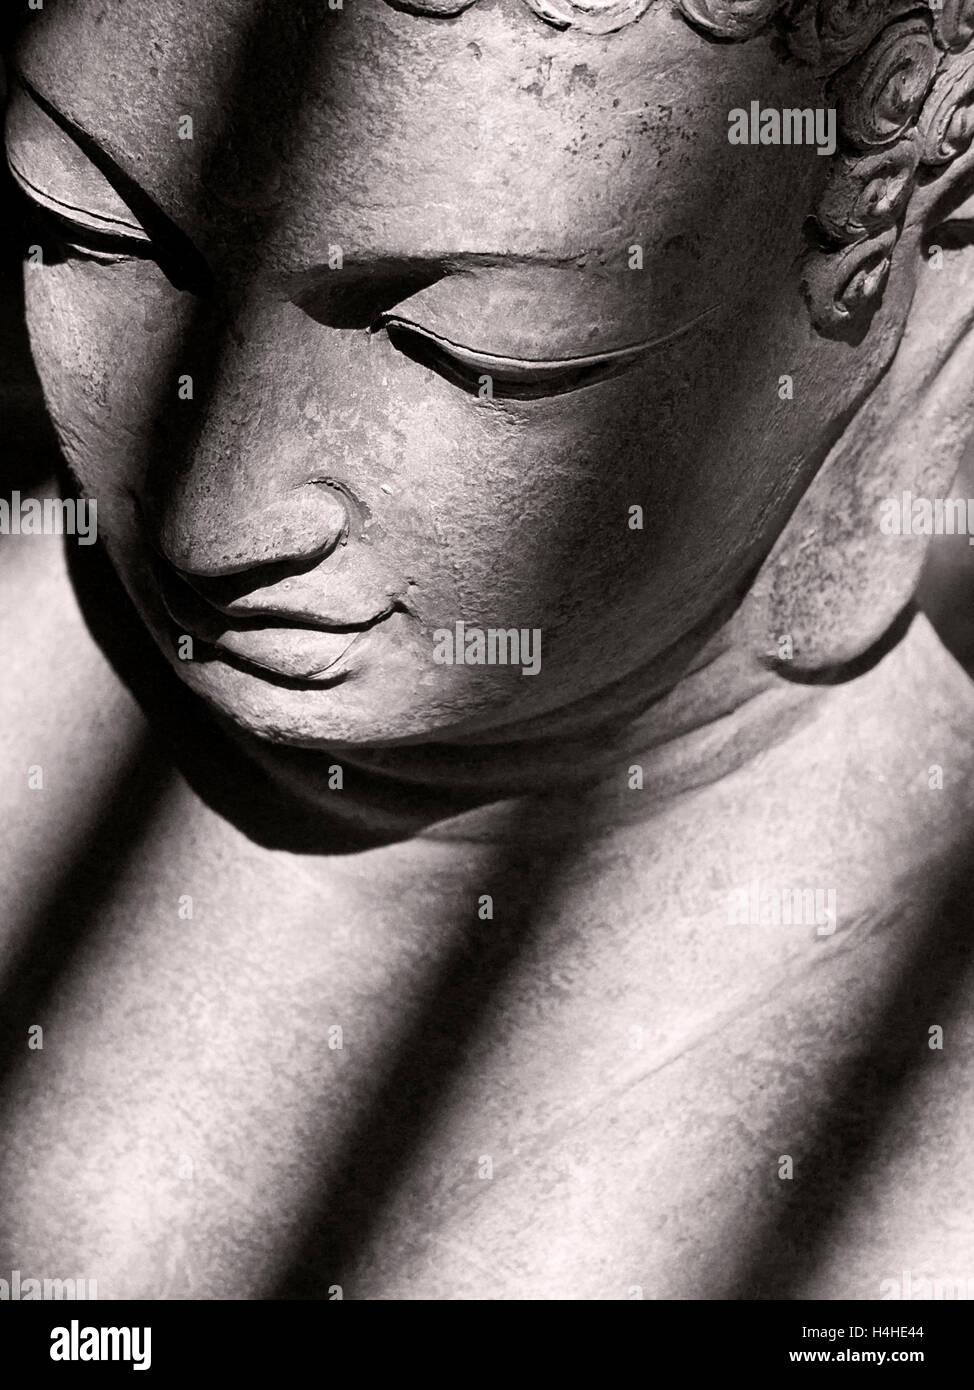 Kontemplative Studie der steinernen Statue des Buddha mit schrägen Schatten werfen, über Kopf und Schultern Stockfoto